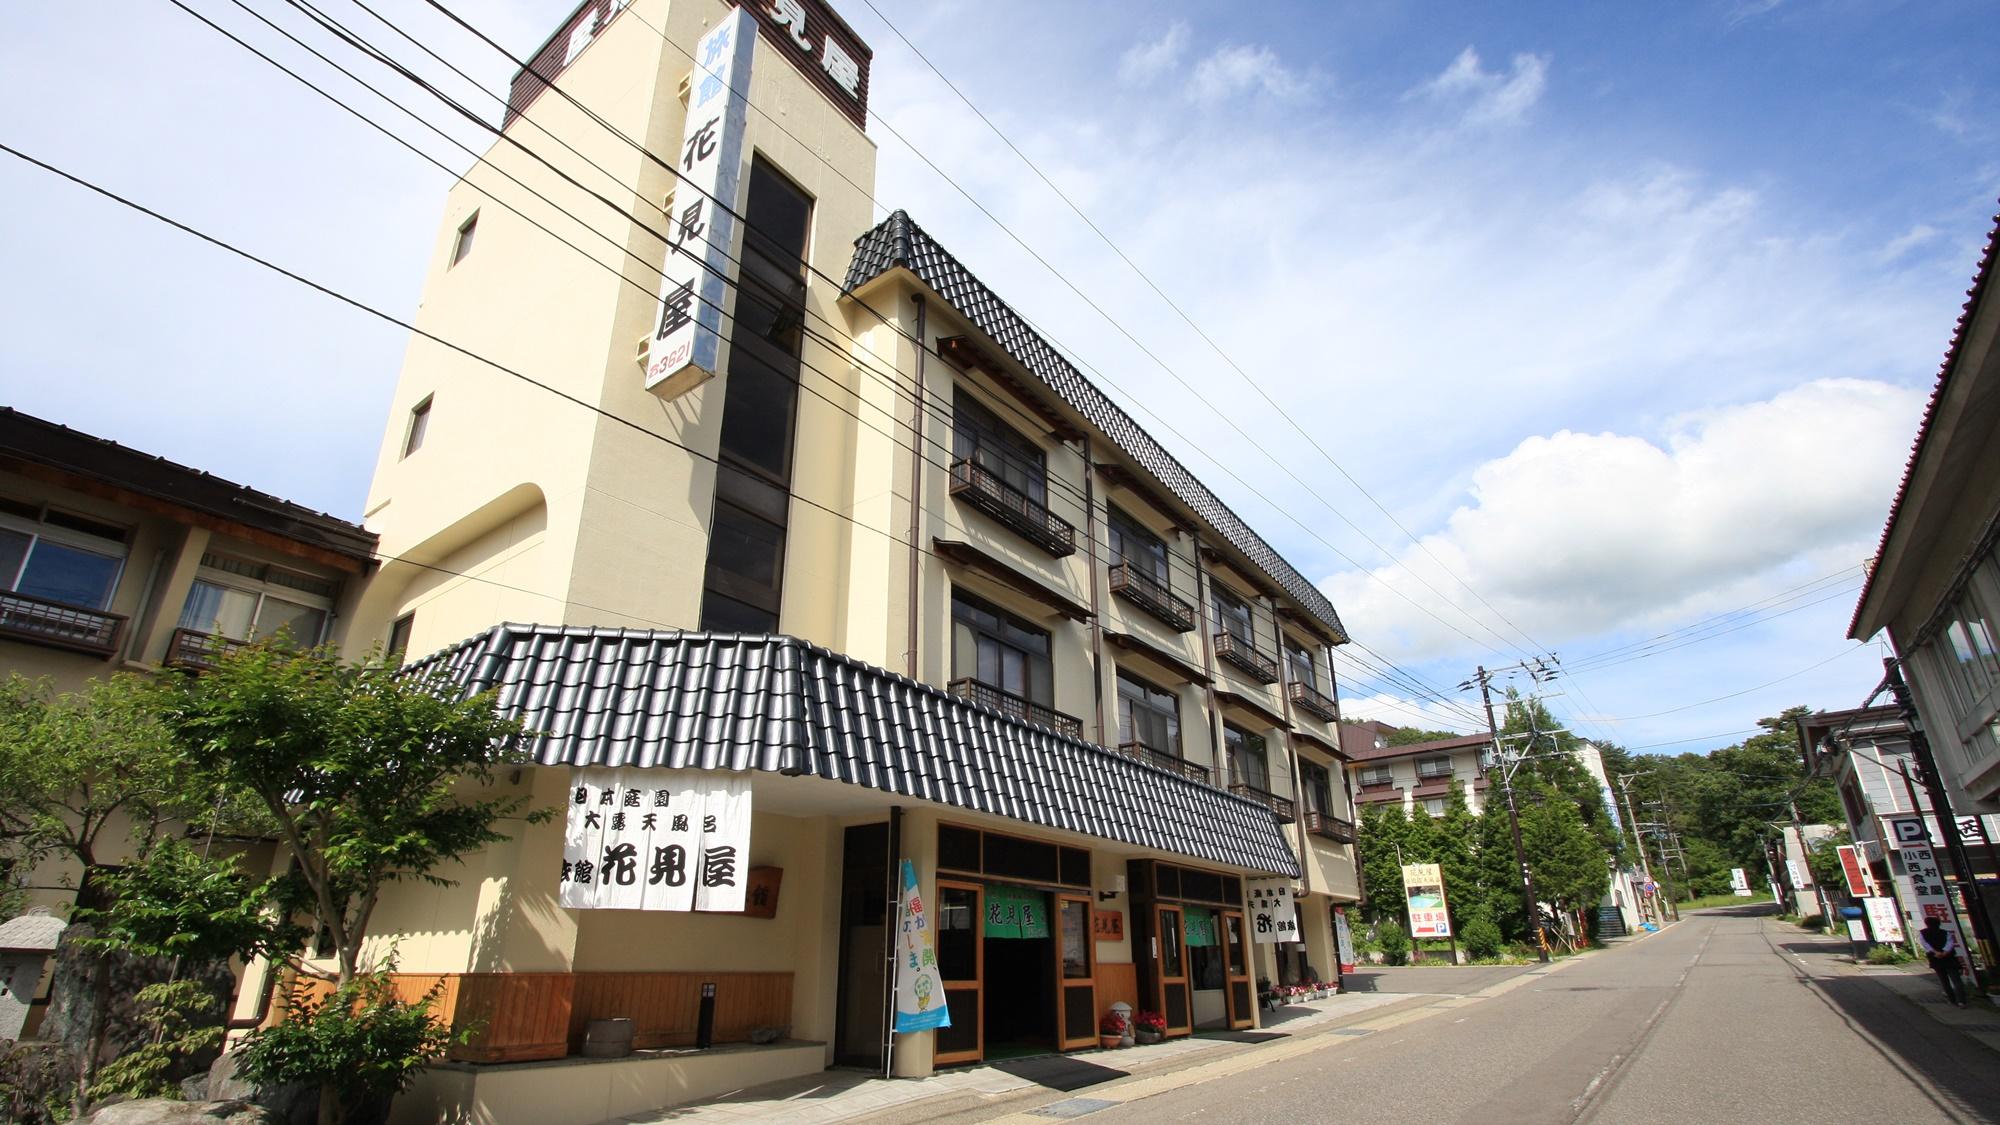 中ノ沢温泉 源泉かけ流し100%貸切風呂のある宿 花見屋旅館...